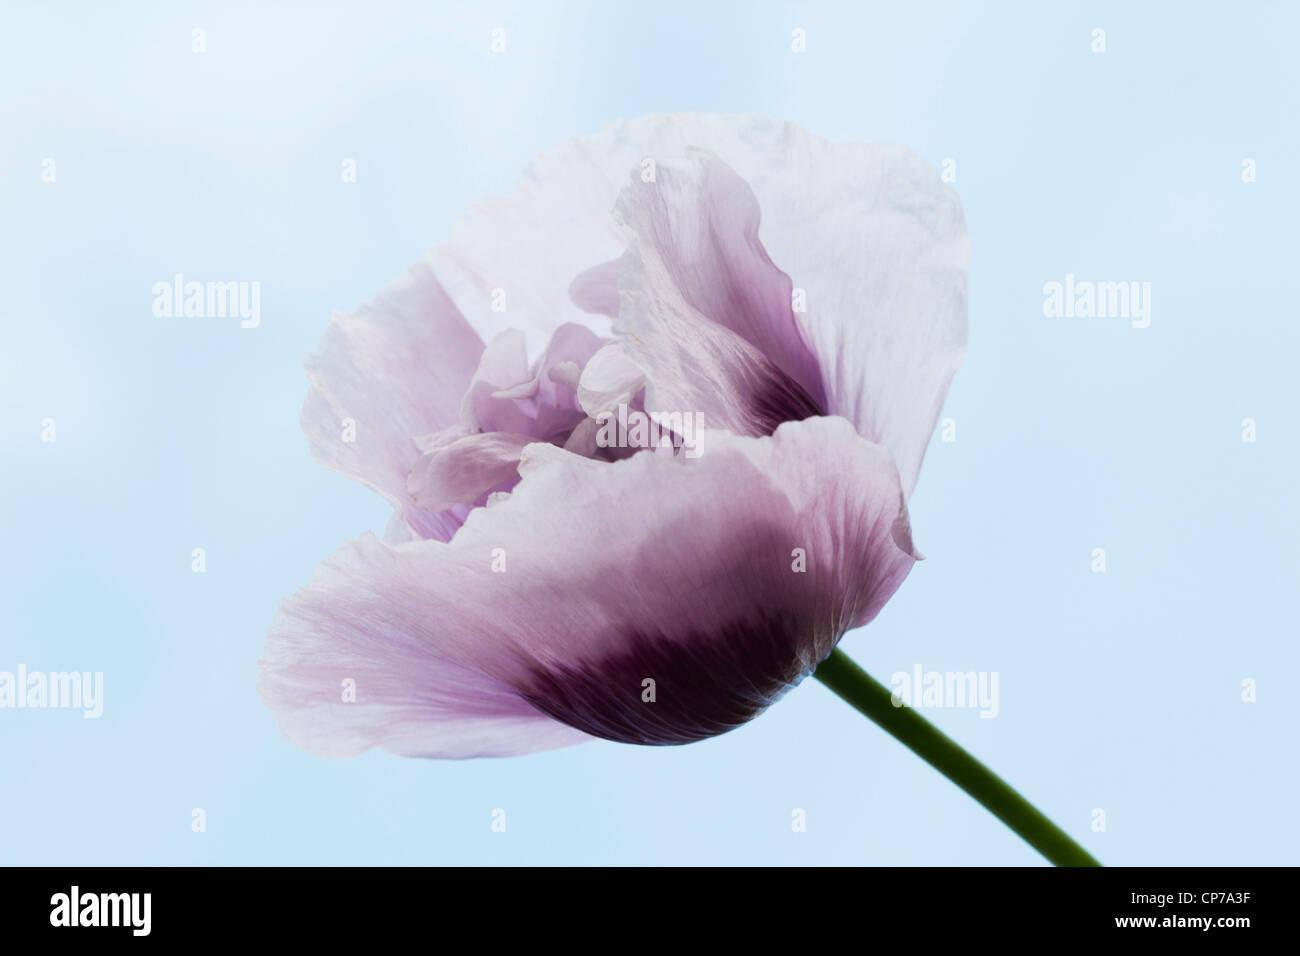 Papaver somniferum, Poppy, Opium poppy, White, Blue. Stock Photo